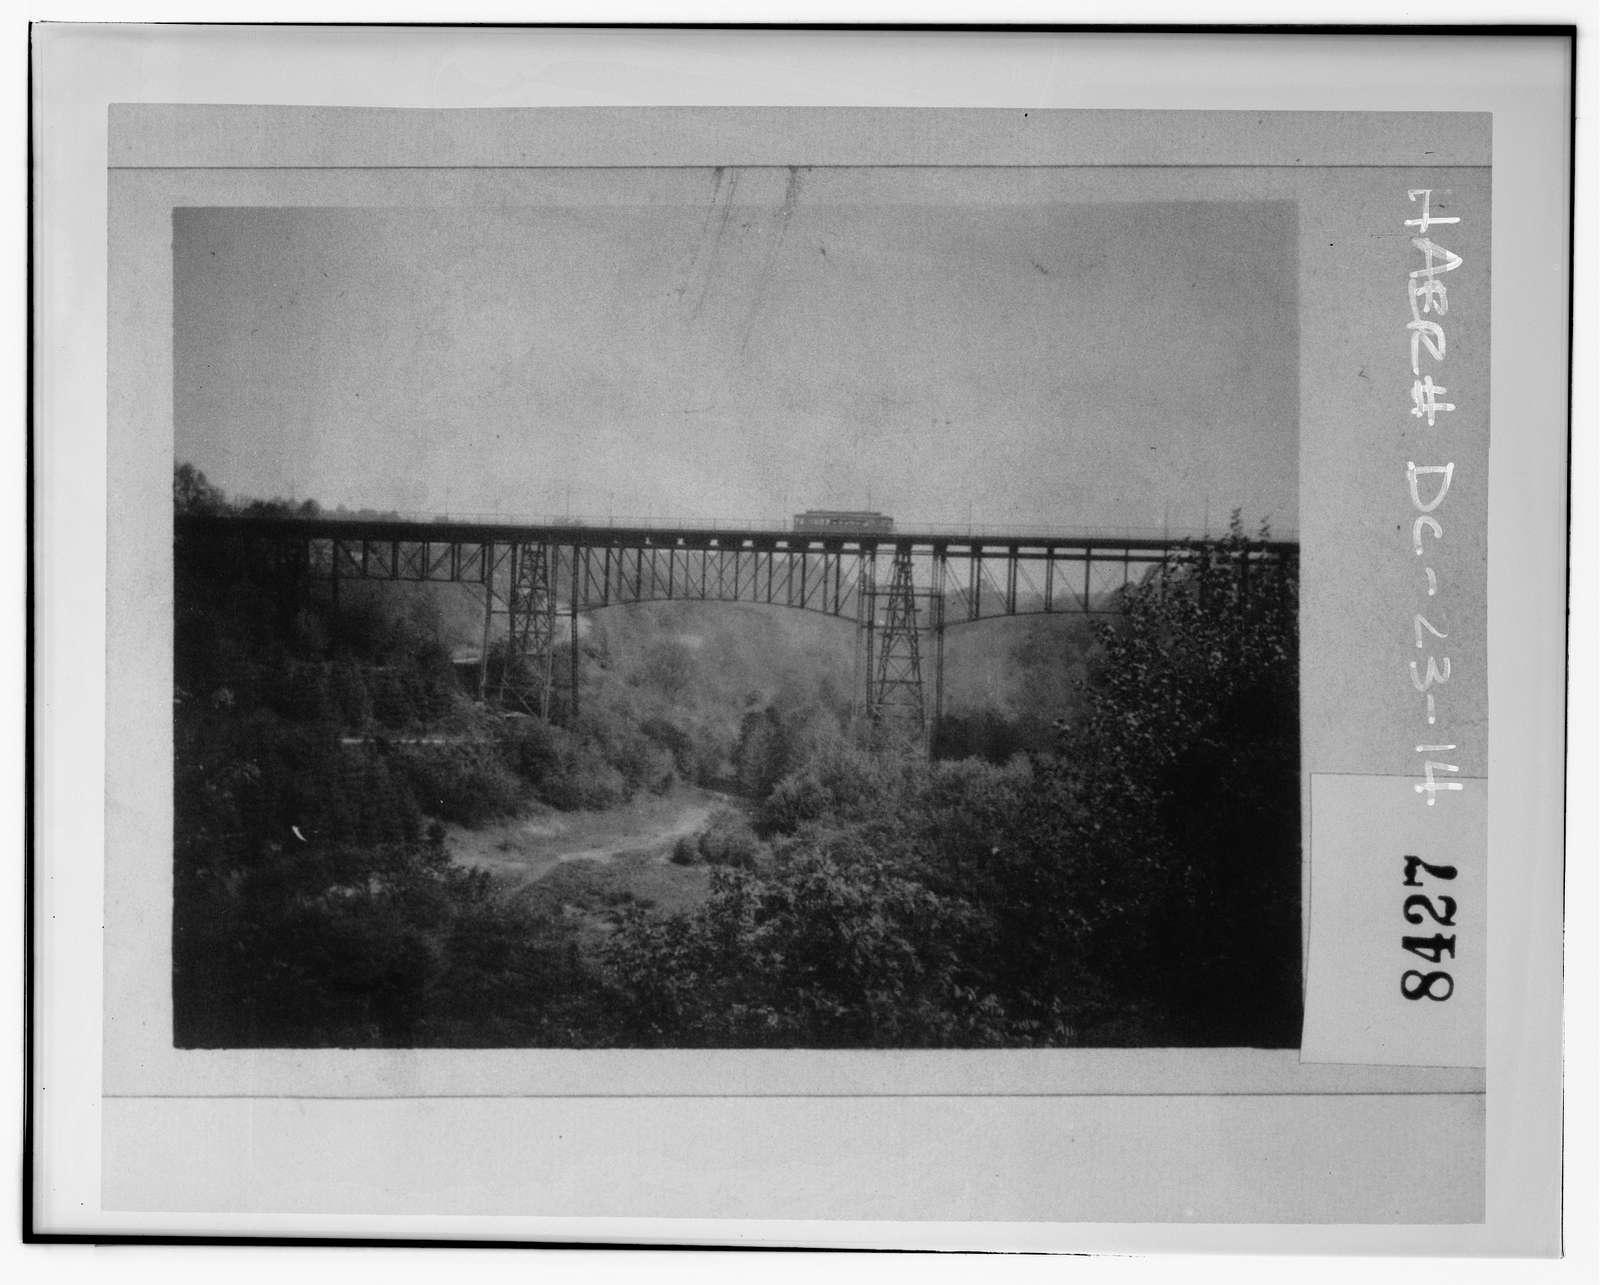 Calvert Street Bridge, Spanning Rock Creek & Potomac Parkway, Washington, District of Columbia, DC